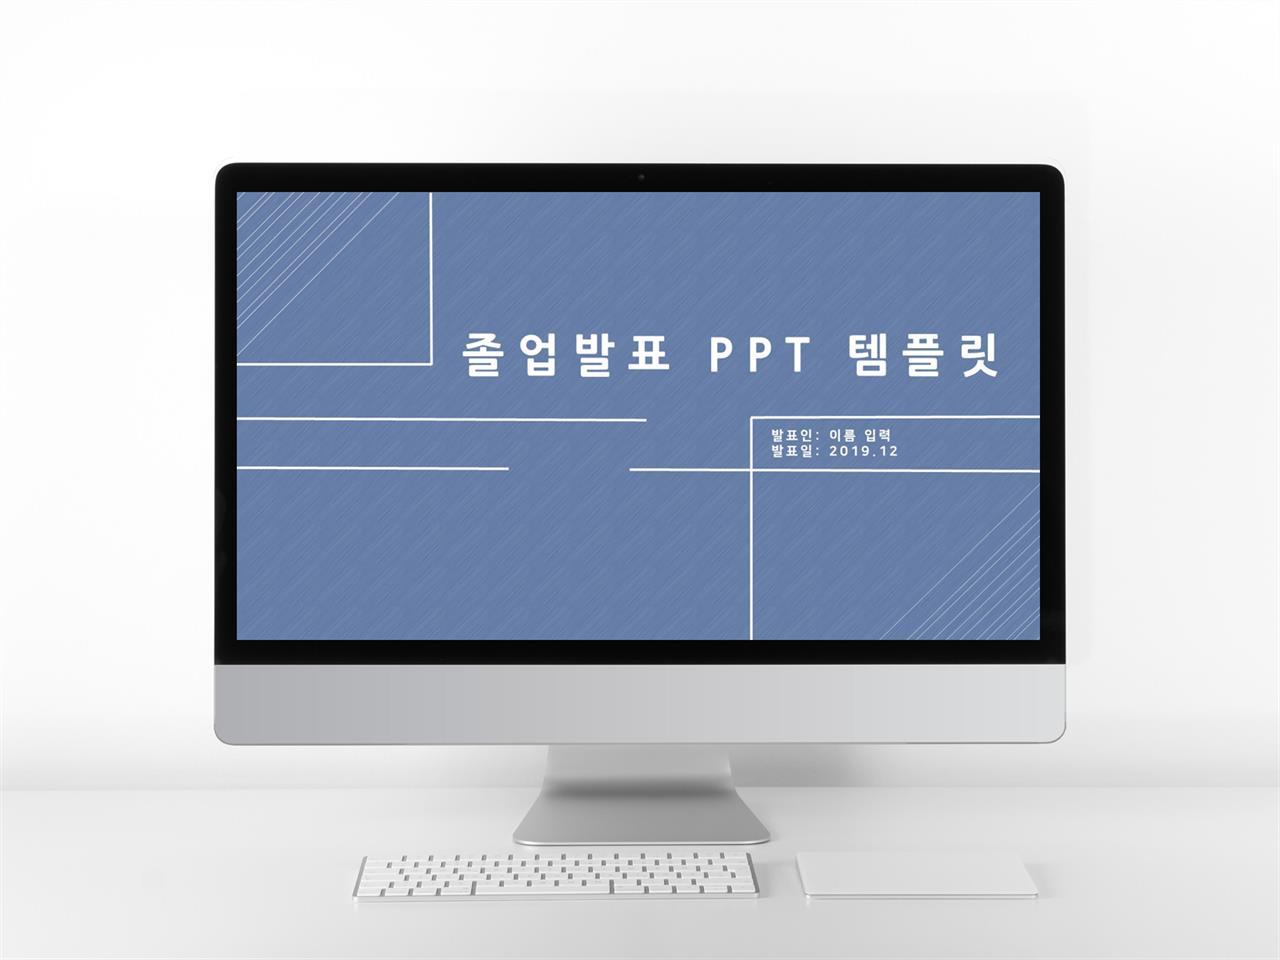 졸업논문 블루 간략한 고급스럽운 PPT양식 사이트 미리보기